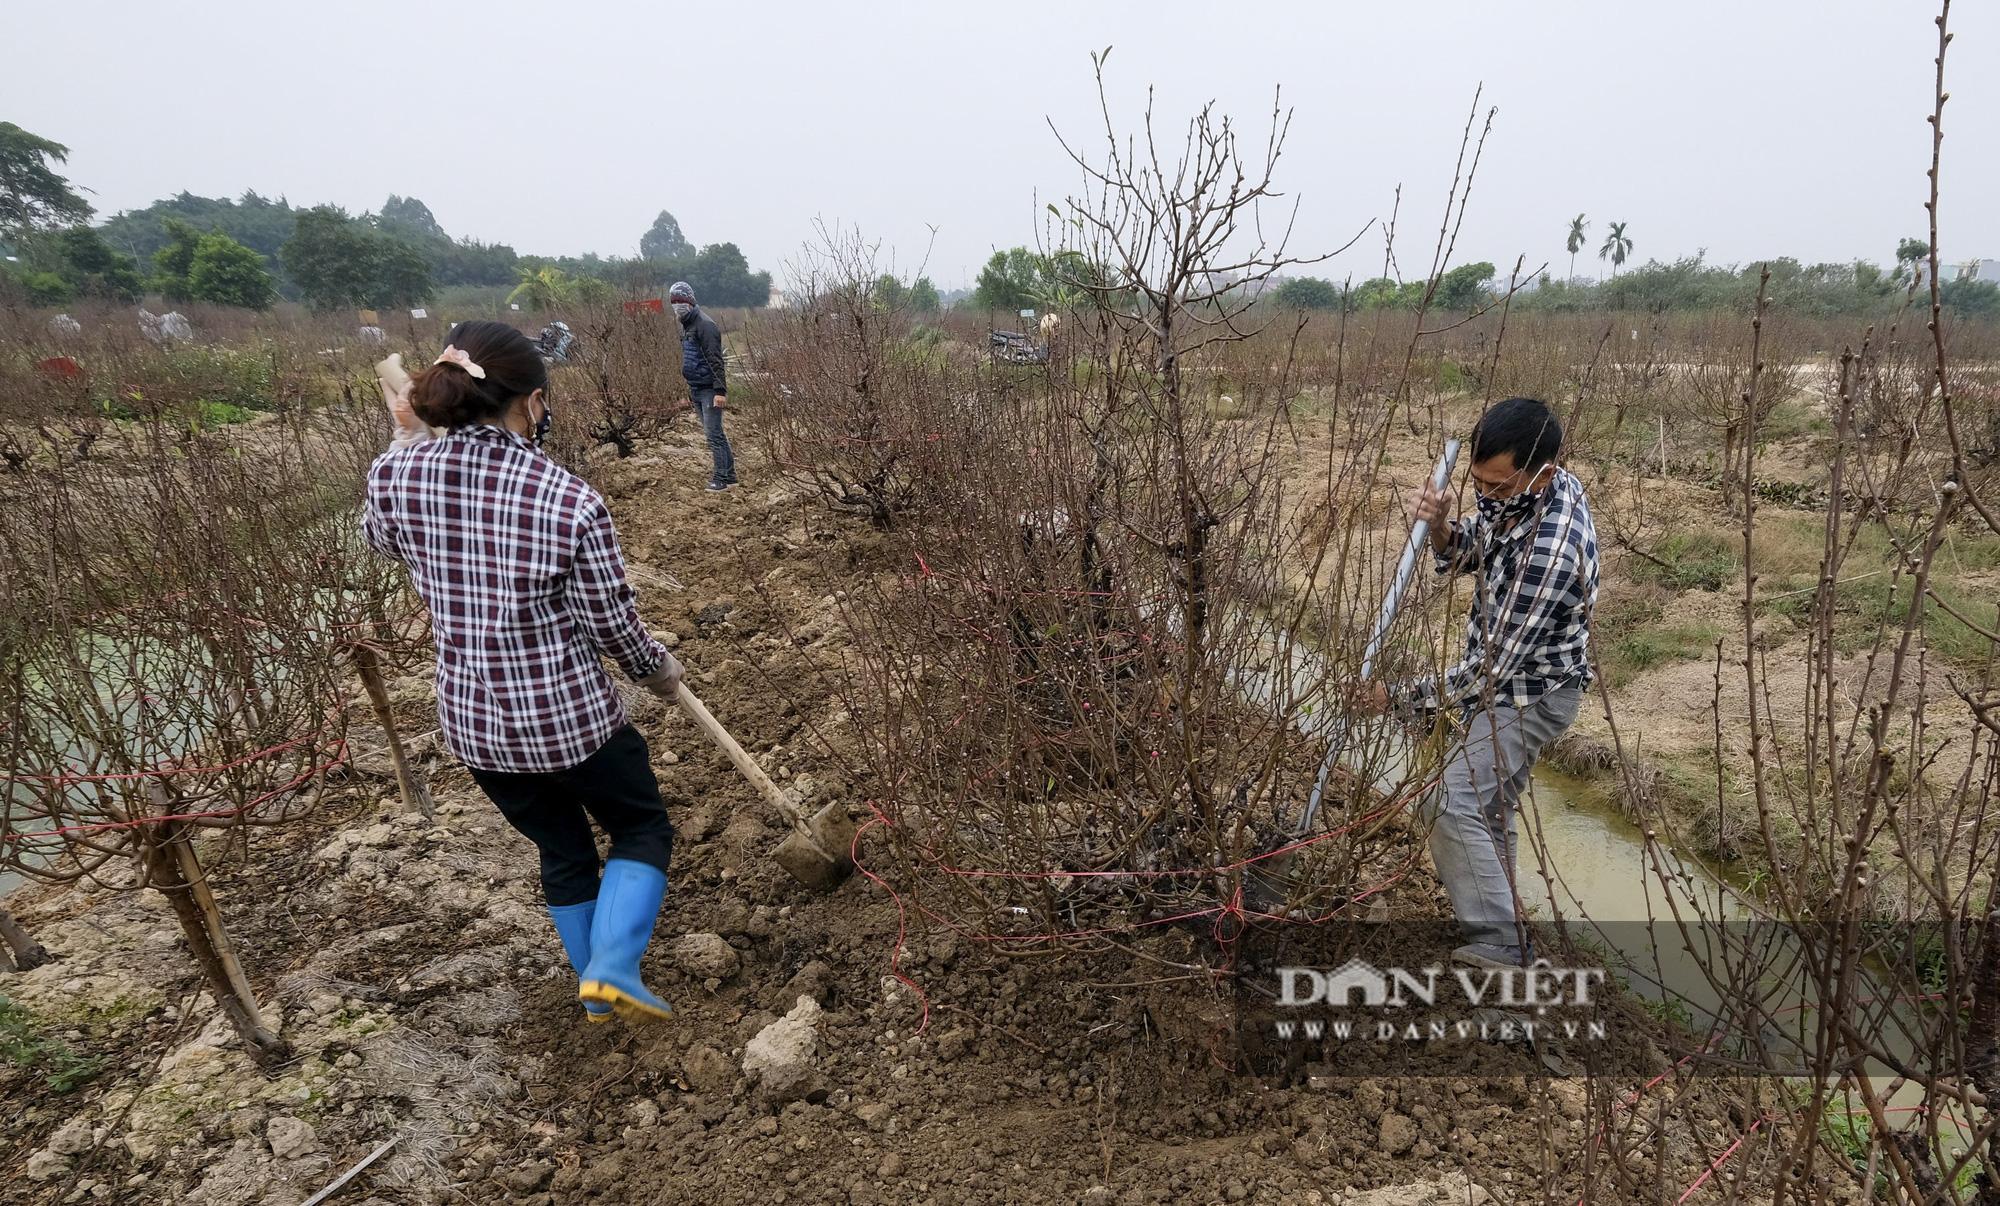 """Dịch COVID-19 khiến nông dân trồng đào Hải Dương """"đứng ngồi không yên"""" khi tết cận kề - Ảnh 3."""